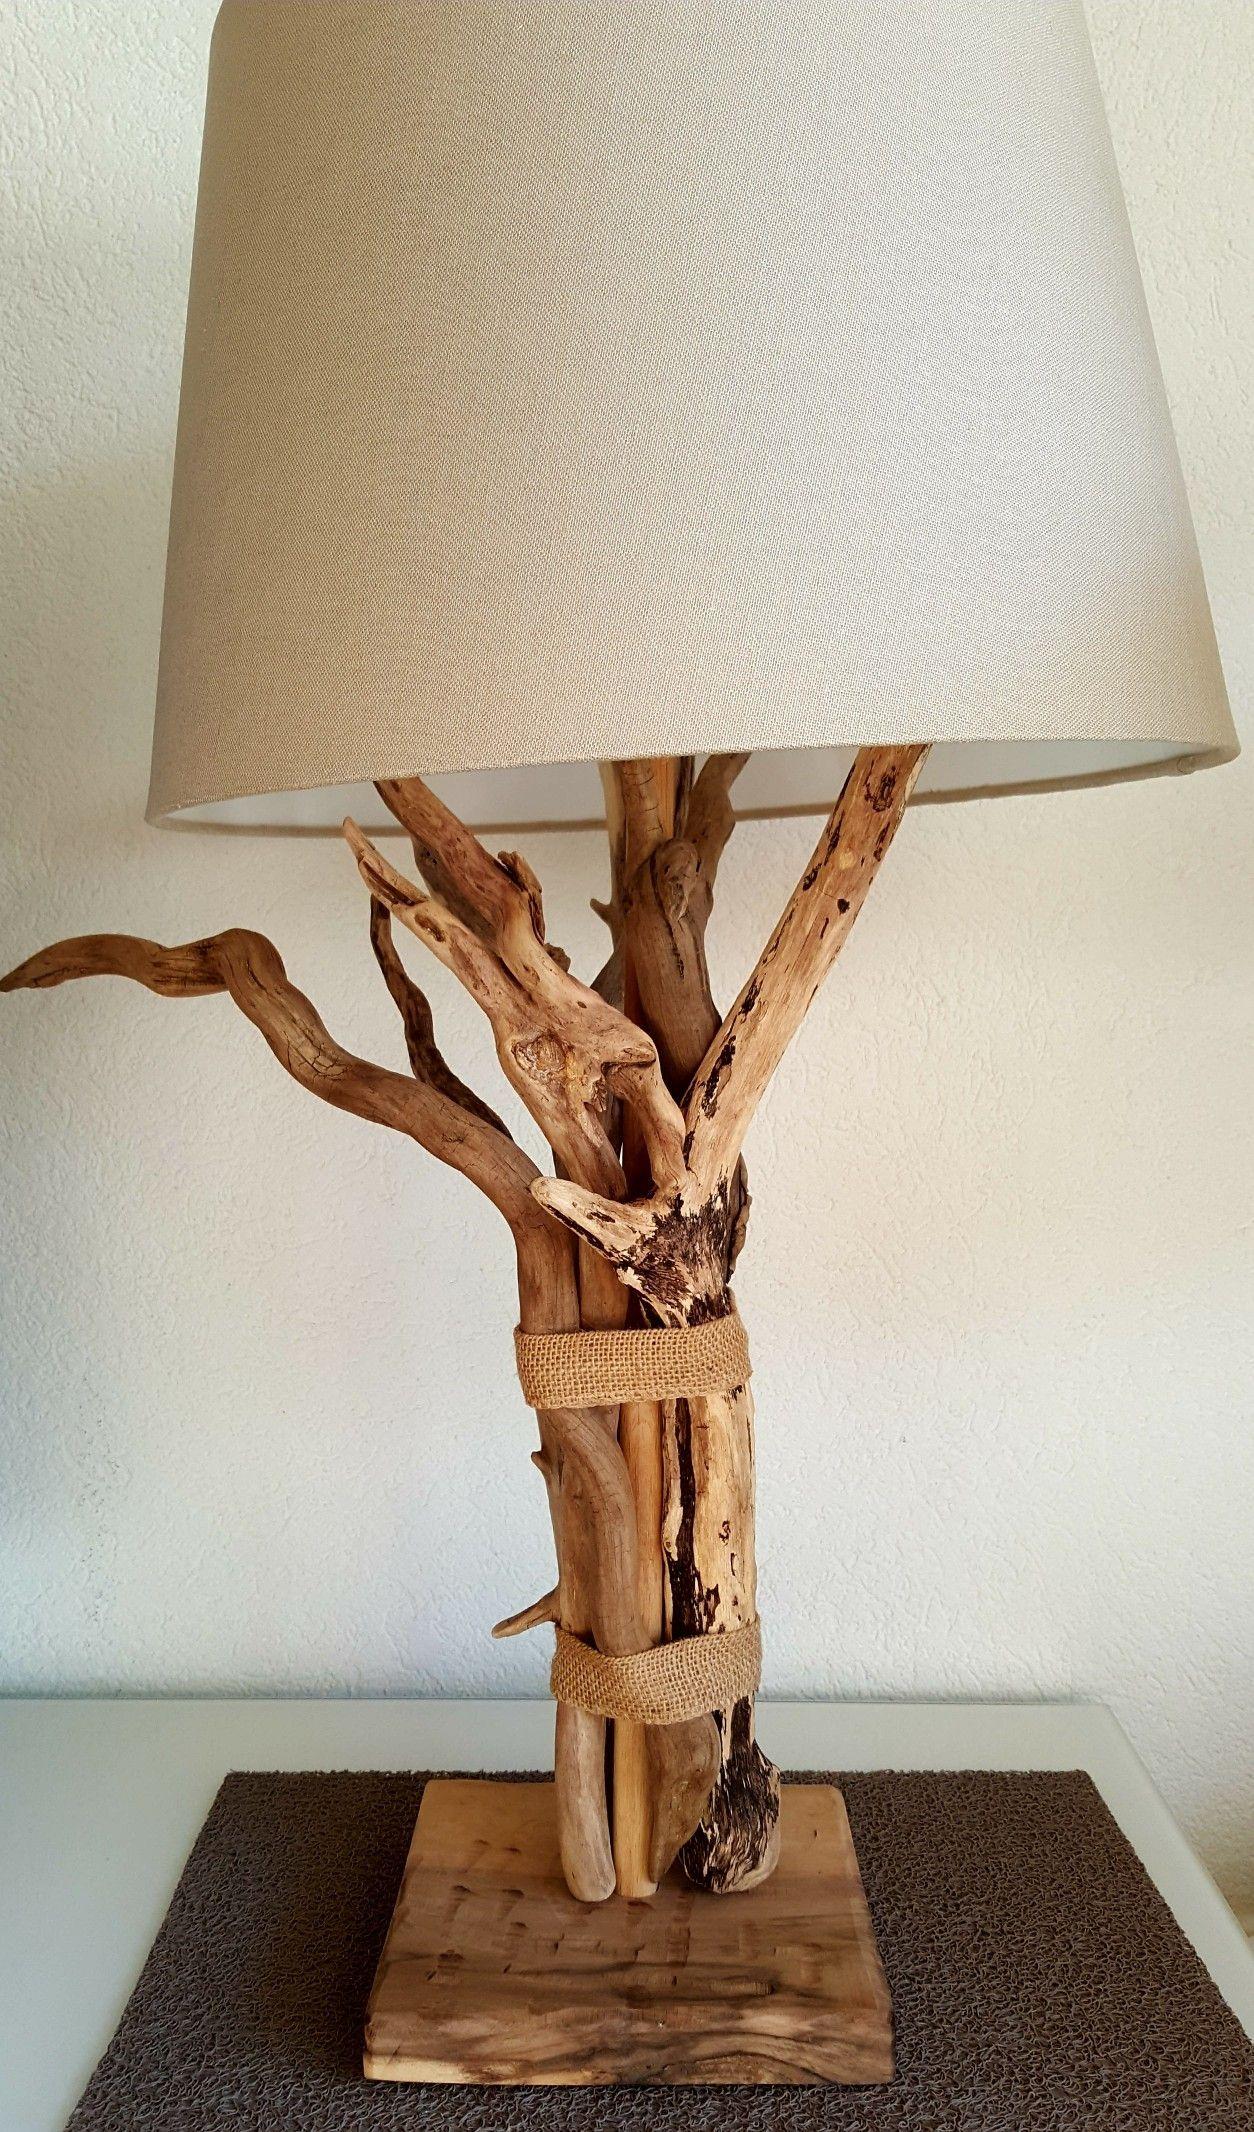 Bajour Da Comodino Moderne lampe bois flotté 80cm de haut | lampe bois, deco bois